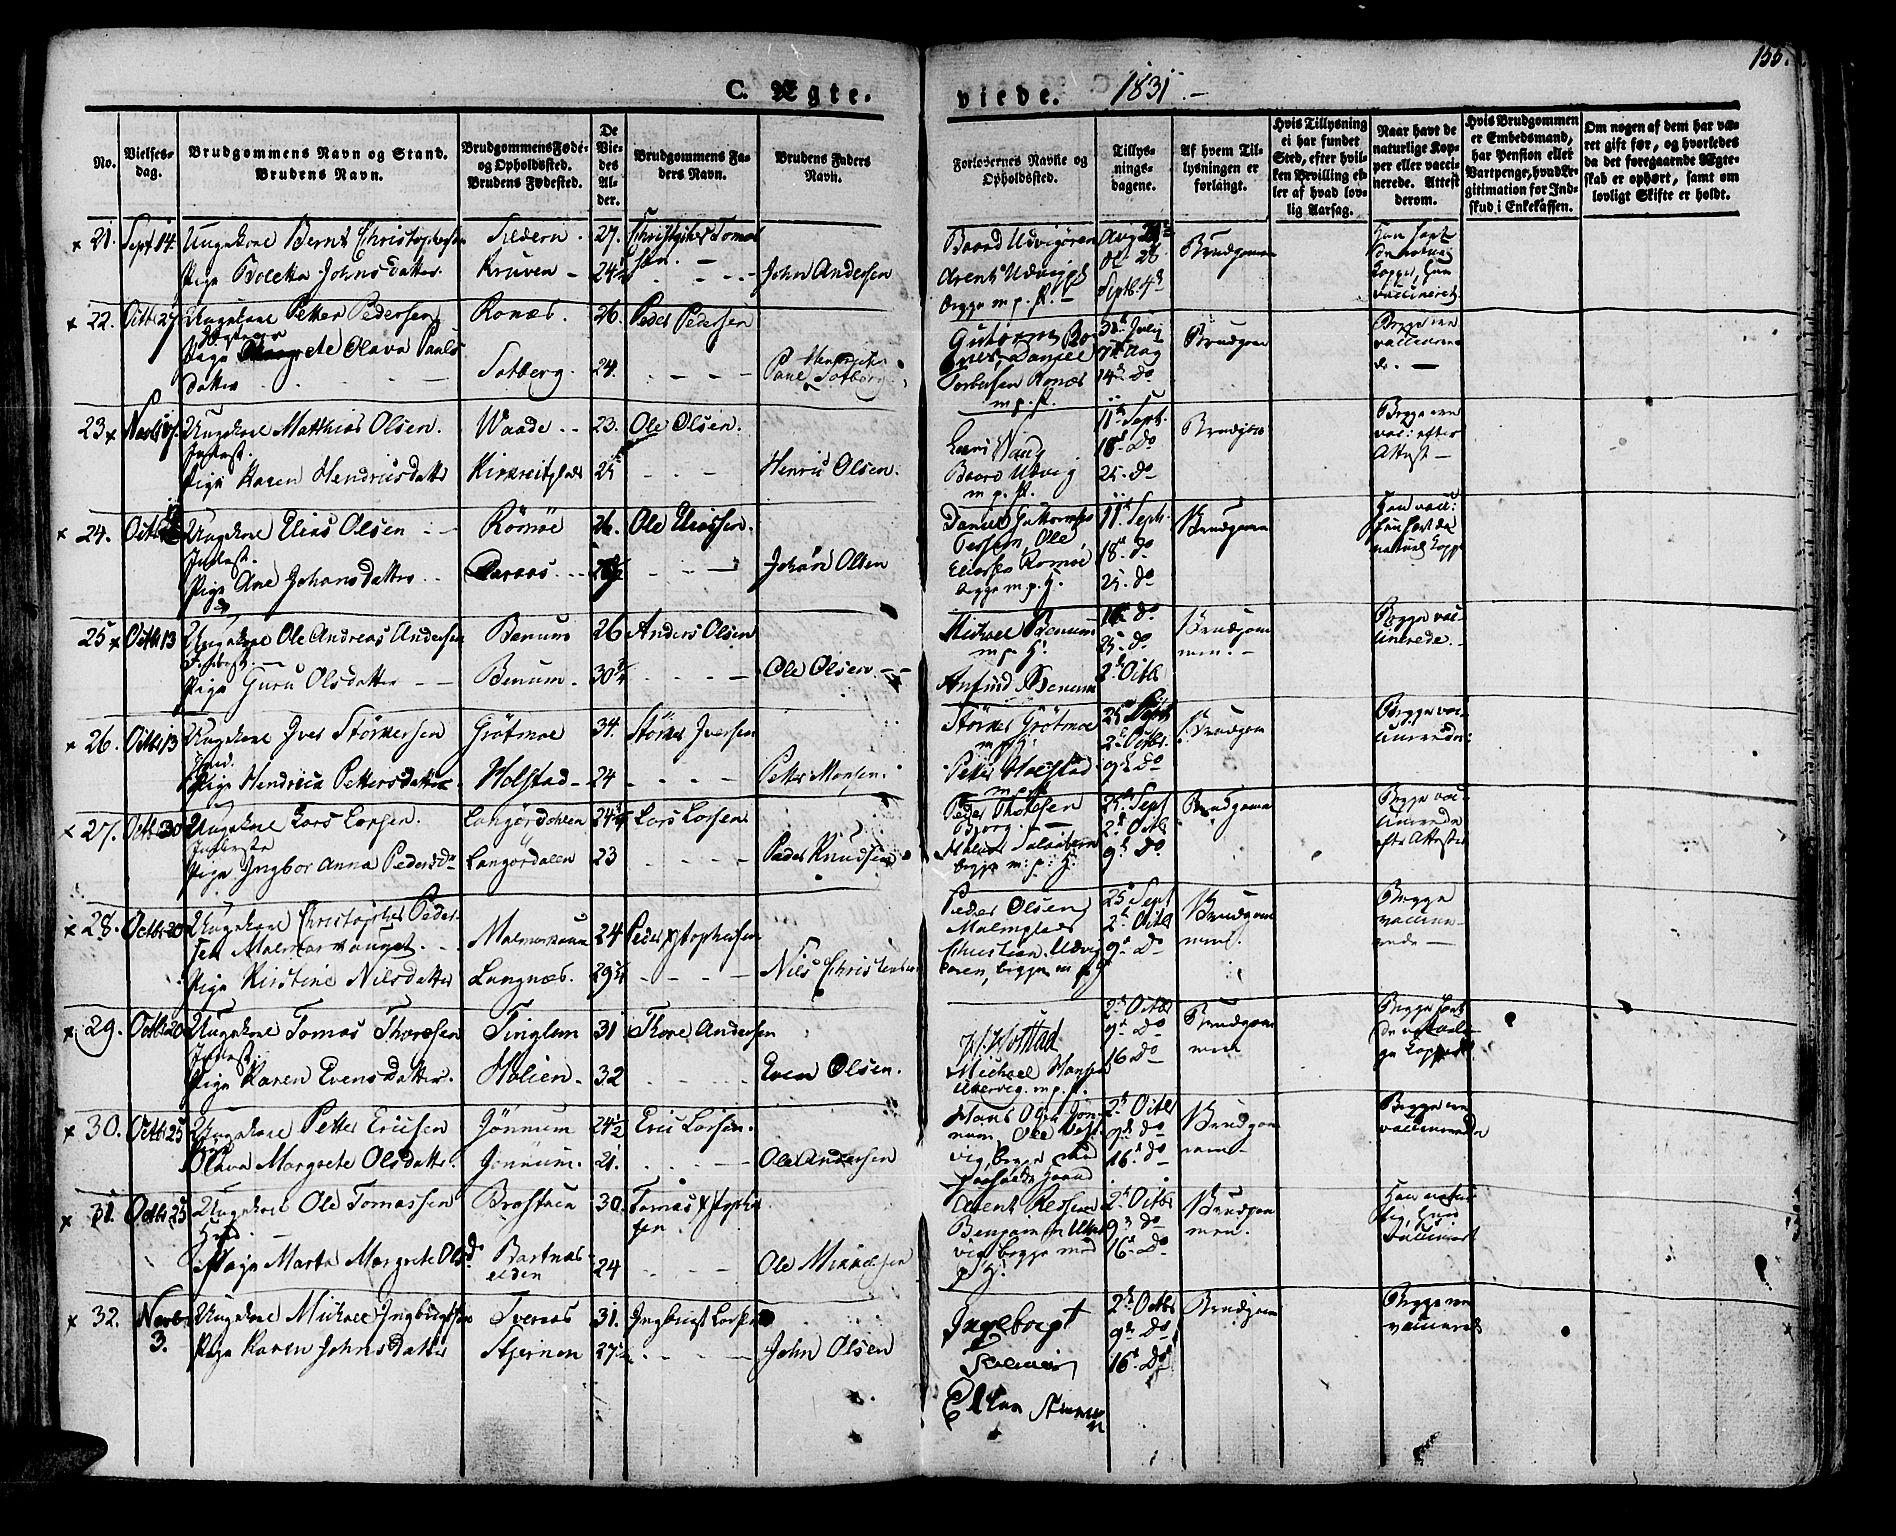 SAT, Ministerialprotokoller, klokkerbøker og fødselsregistre - Nord-Trøndelag, 741/L0390: Ministerialbok nr. 741A04, 1822-1836, s. 155